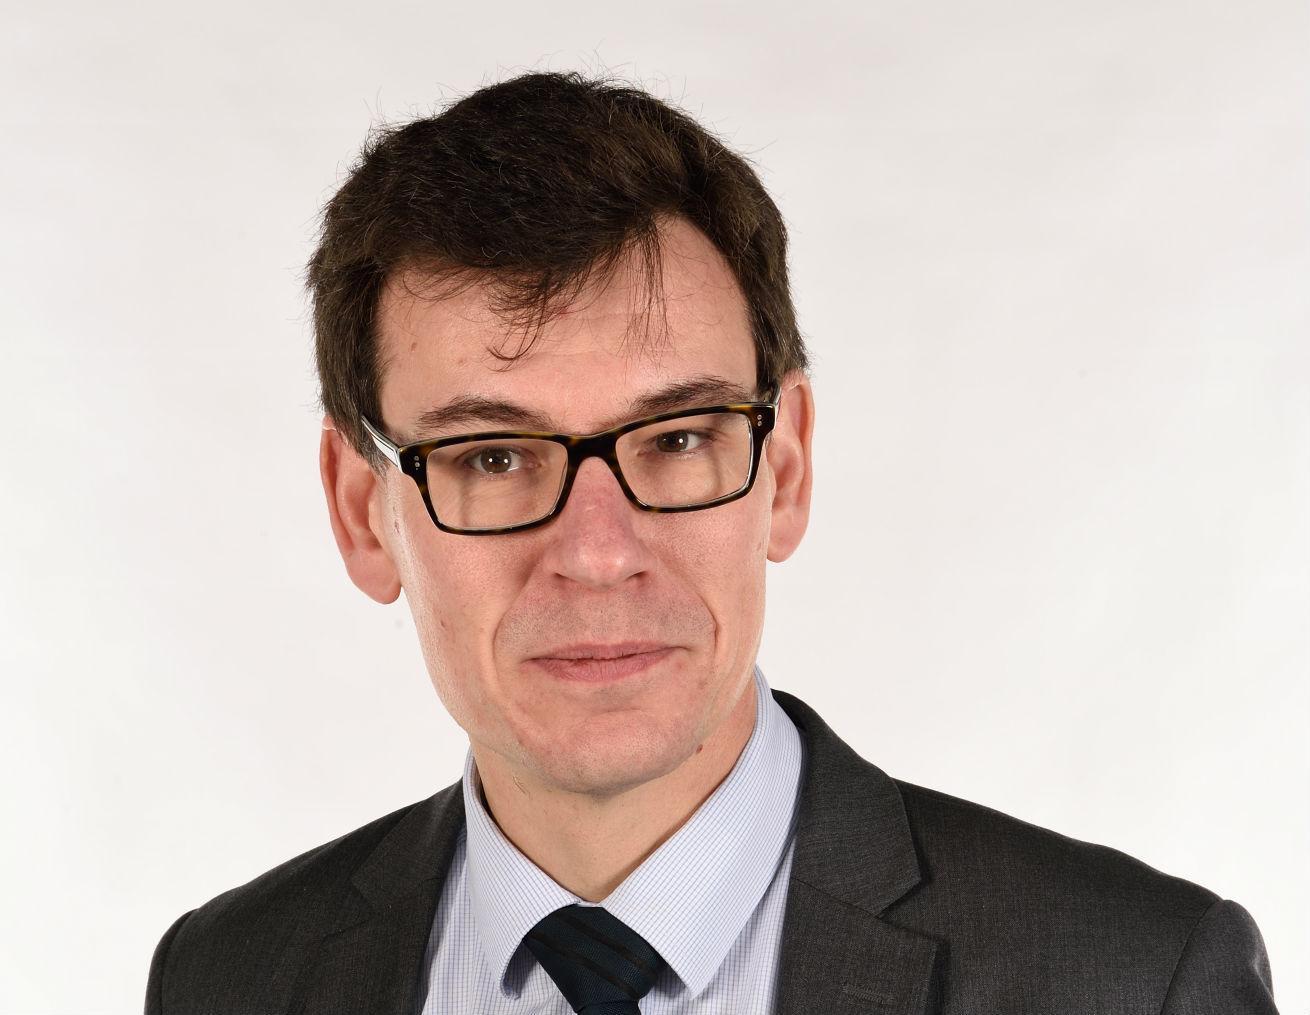 Ariane 6 : Le futur patron du CNES souhaite un soutien fort du secteur public